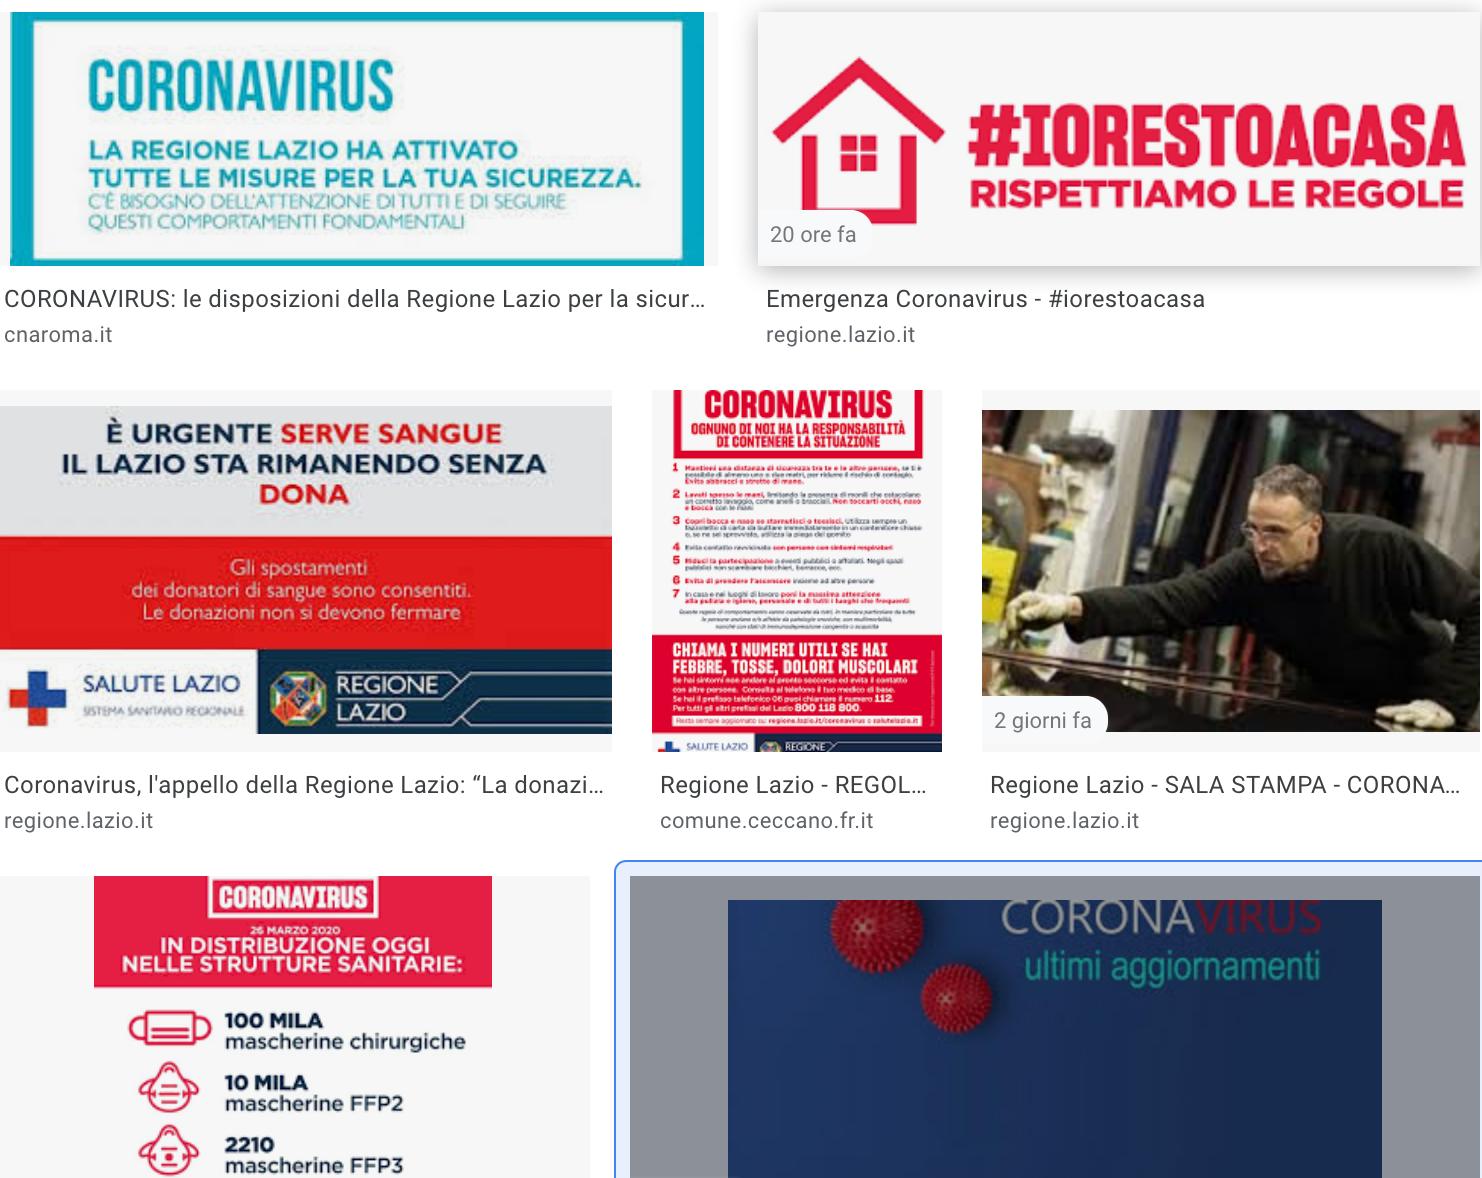 mosaico coronavirusSchermata 2020-03-29 alle 17.04.22